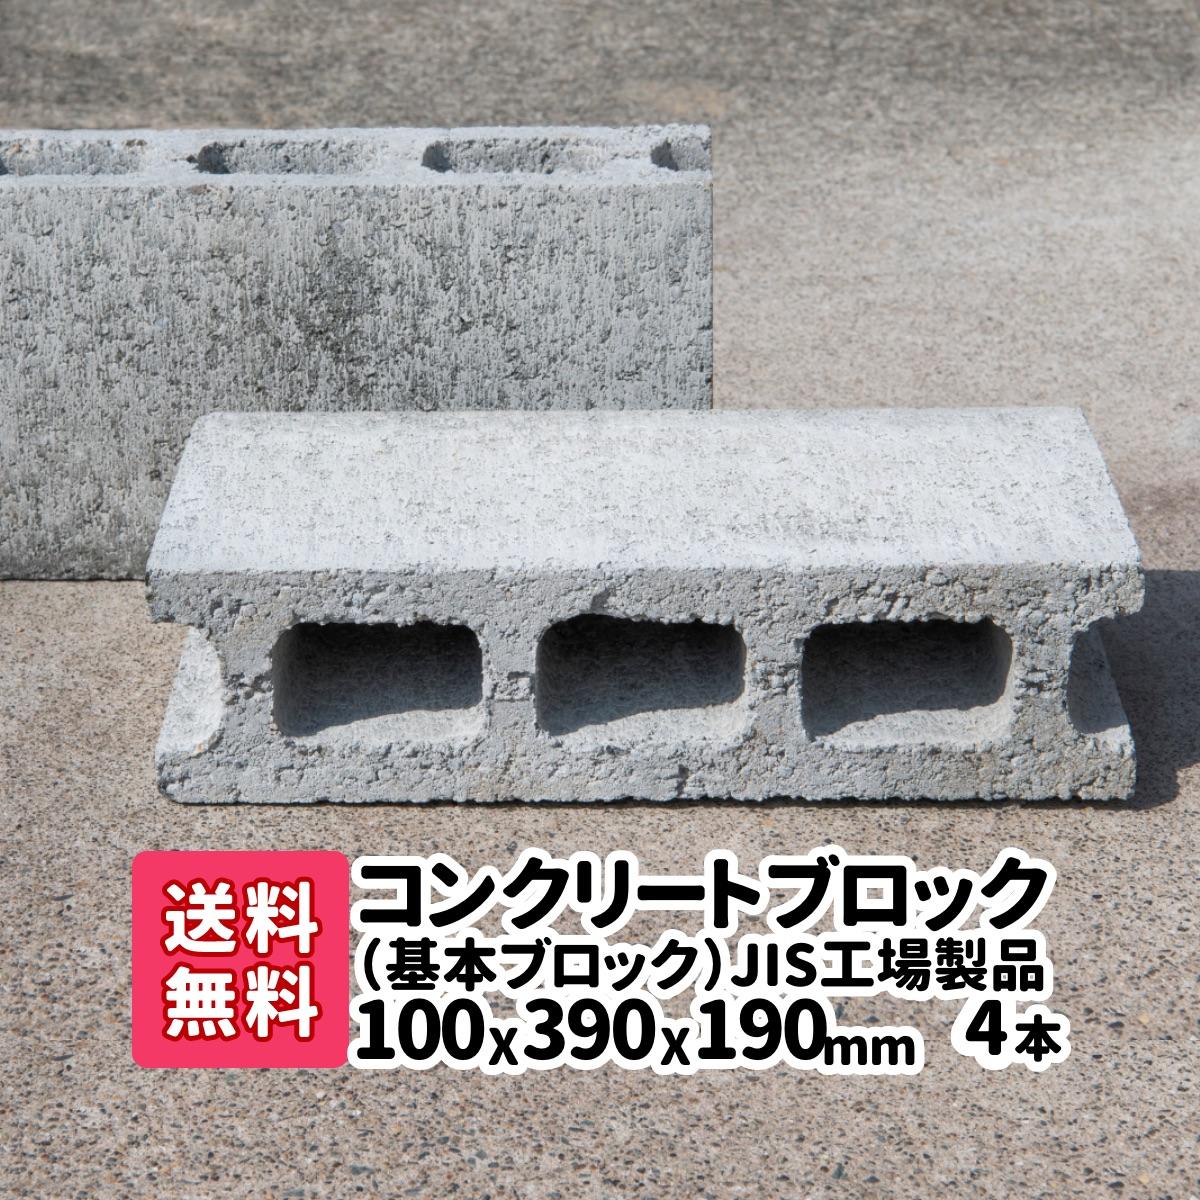 安心安全なJIS製品 物置の基礎 エアコンの台 置物 重石 ブロック塀 高さ調整等に使用します 送料無料 セール特別価格 4本 基礎 大規模セール 2本×2 厚み100mm×横390mm×縦190mm ブロック エアコン台 台 基本 JIS工場製品コンクリートブロック